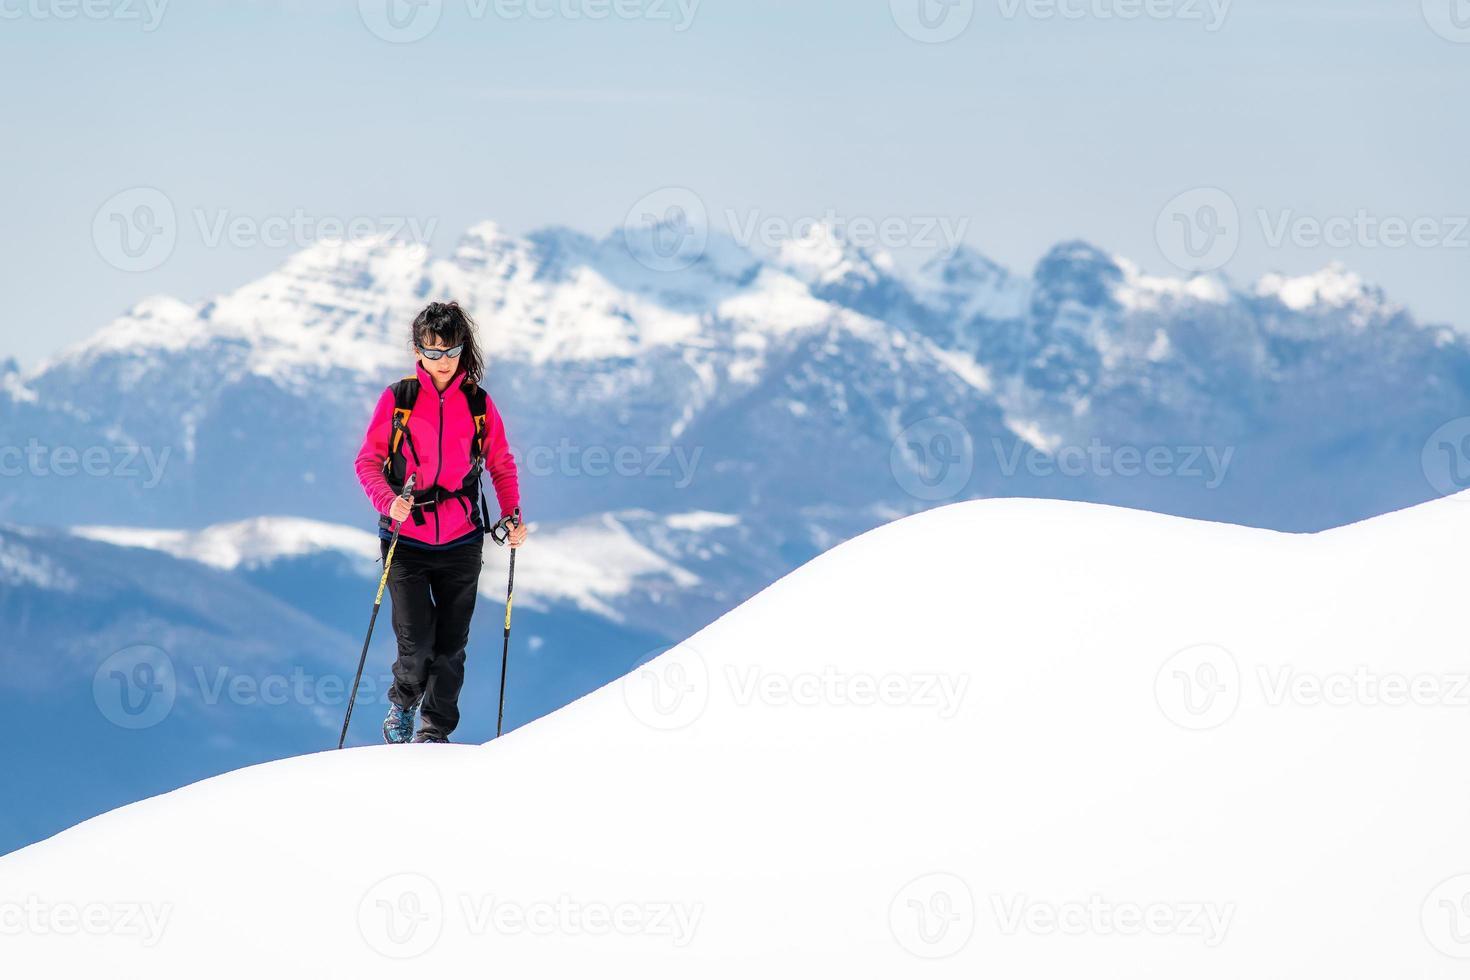 Jeune femme sur la crête de tant de neige s'élève vers le haut dans les montagnes photo